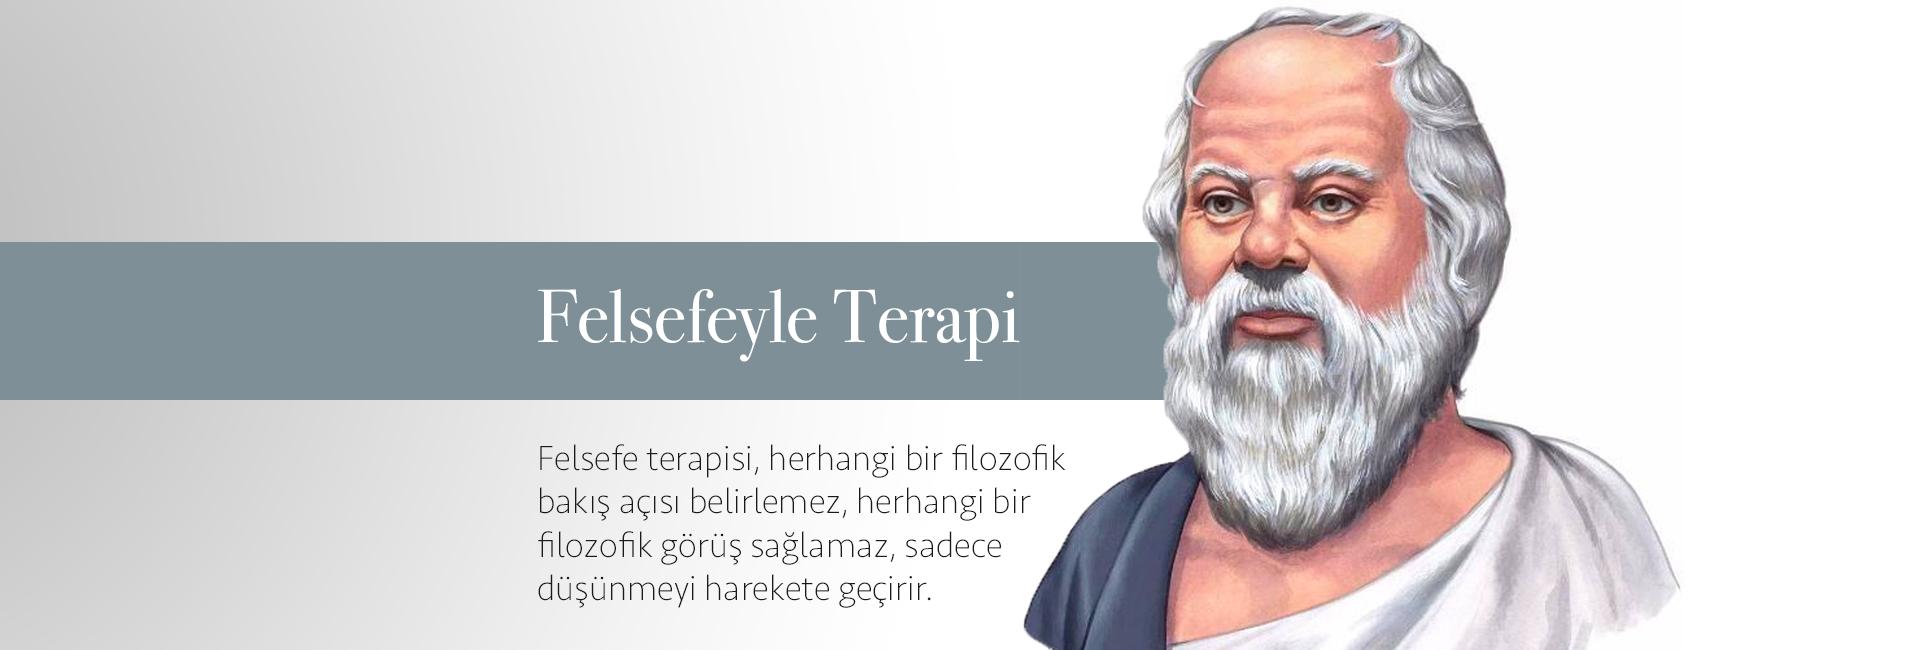 Felsefeyle Terapi